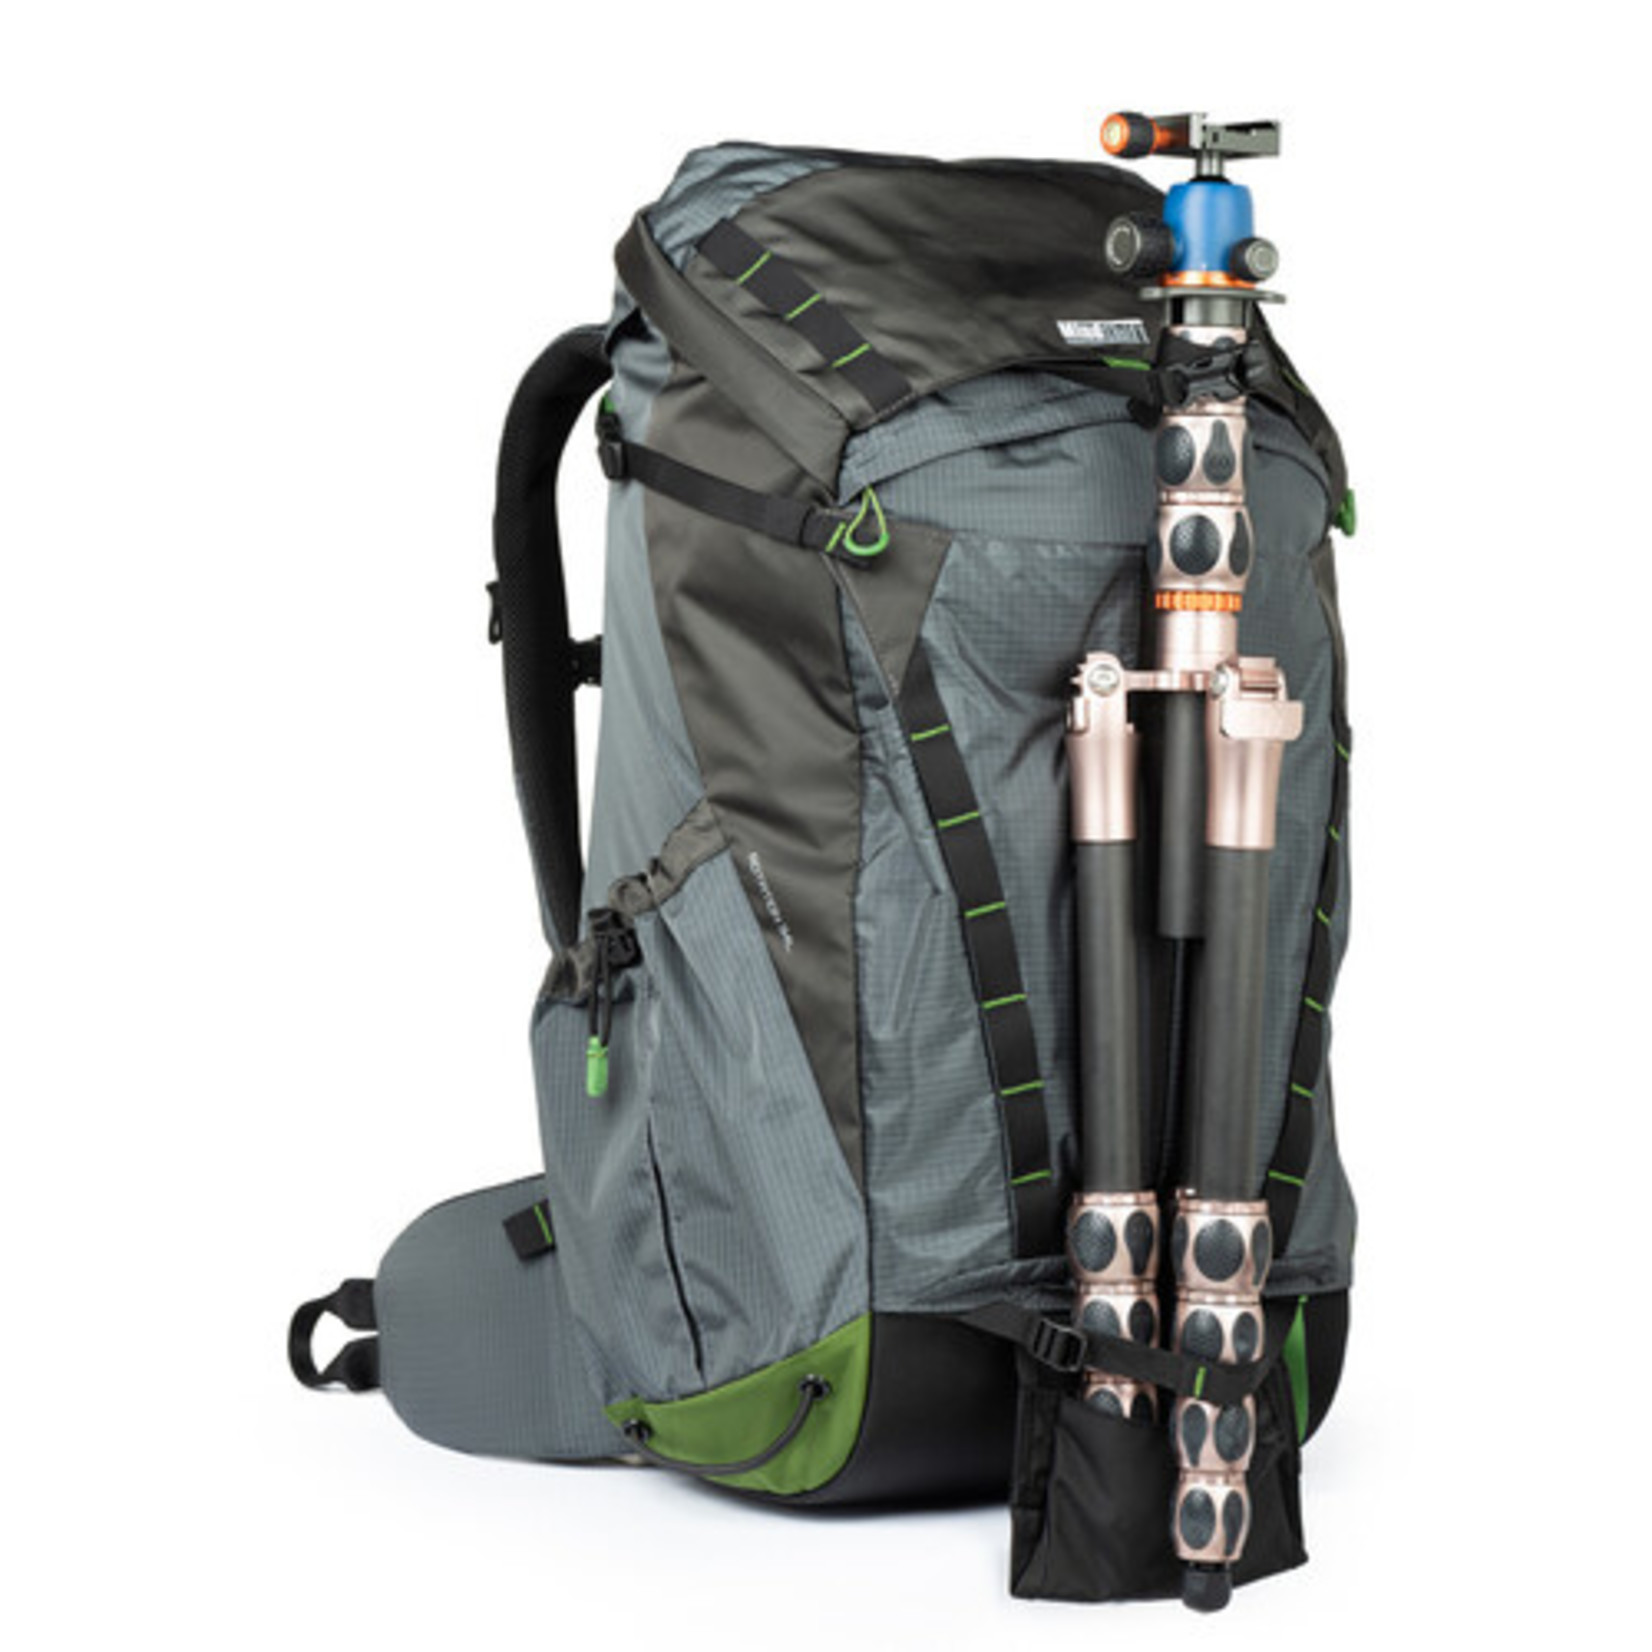 MindShift Rotation 34L Backpack